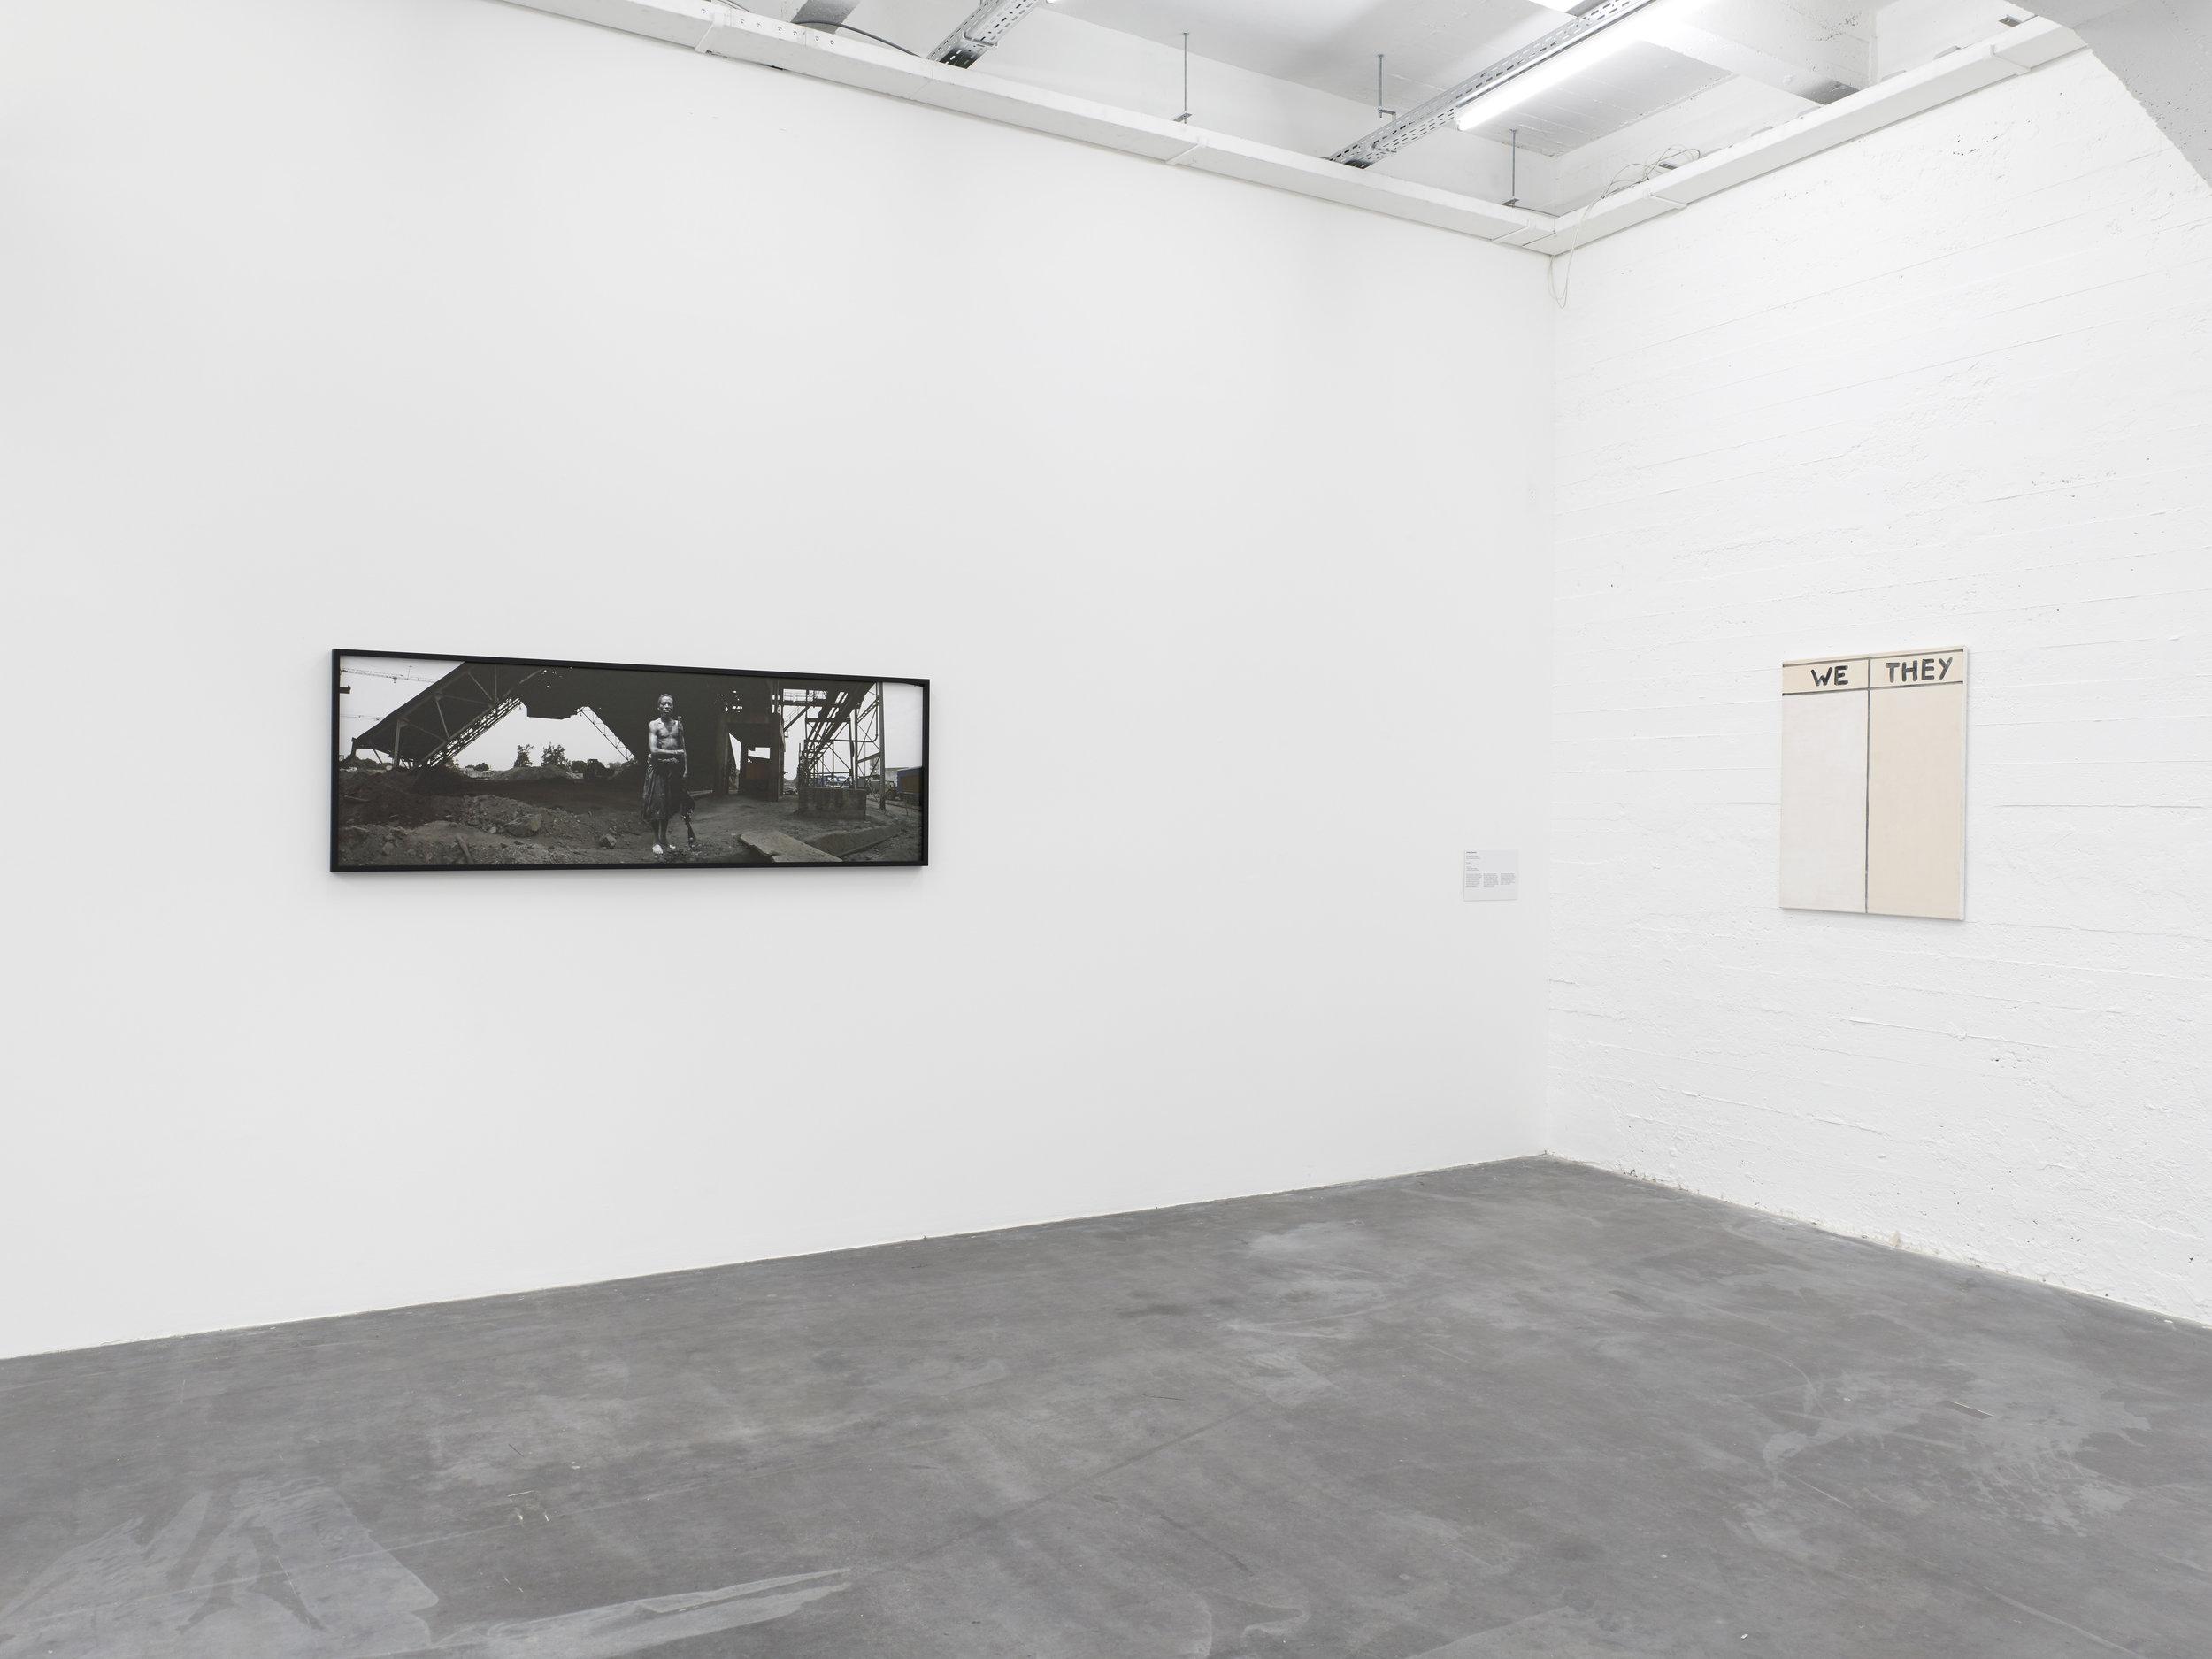 Sammy Baloji,  Untitled  part of the series  Memoire , 2006 et Walter Swenen,  We/They , 2013.  Le Musée Absent,  WIELS, vue d'exposition. © Kristien Daem